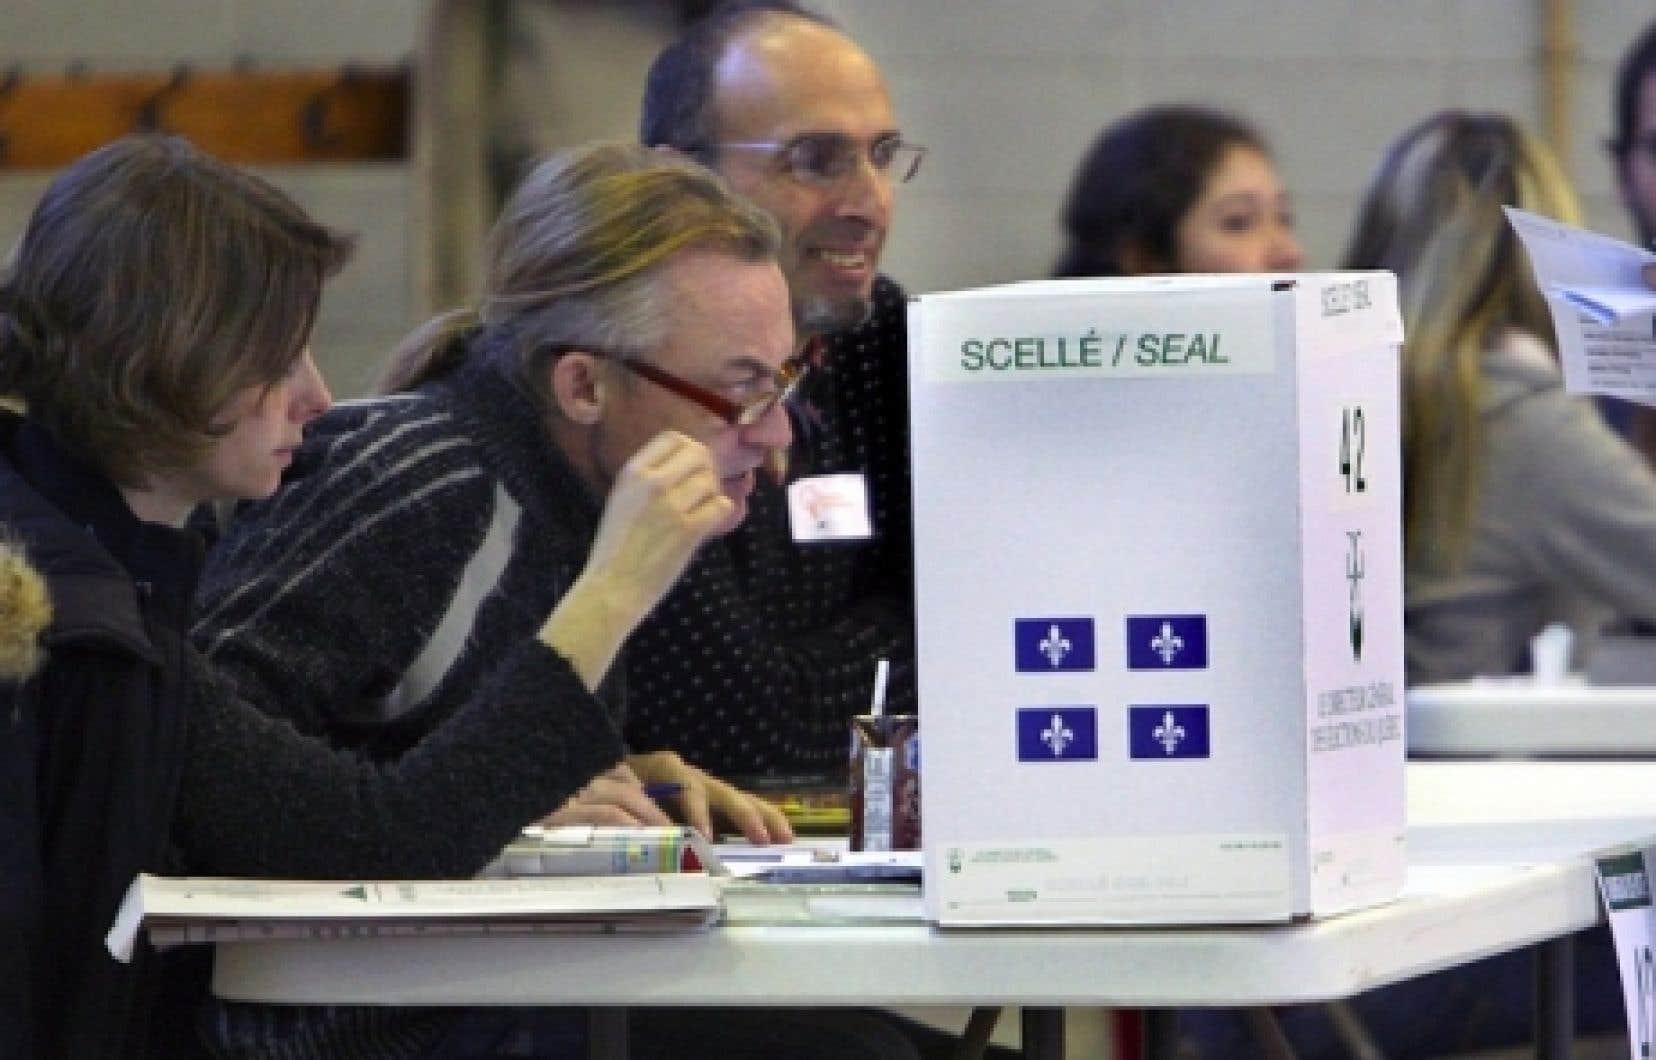 La FECQ a souligné que lors du scrutin de 2008, moins de la moitié des jeunes de 18 à 24 ans avaient exercé leur droit de vote.